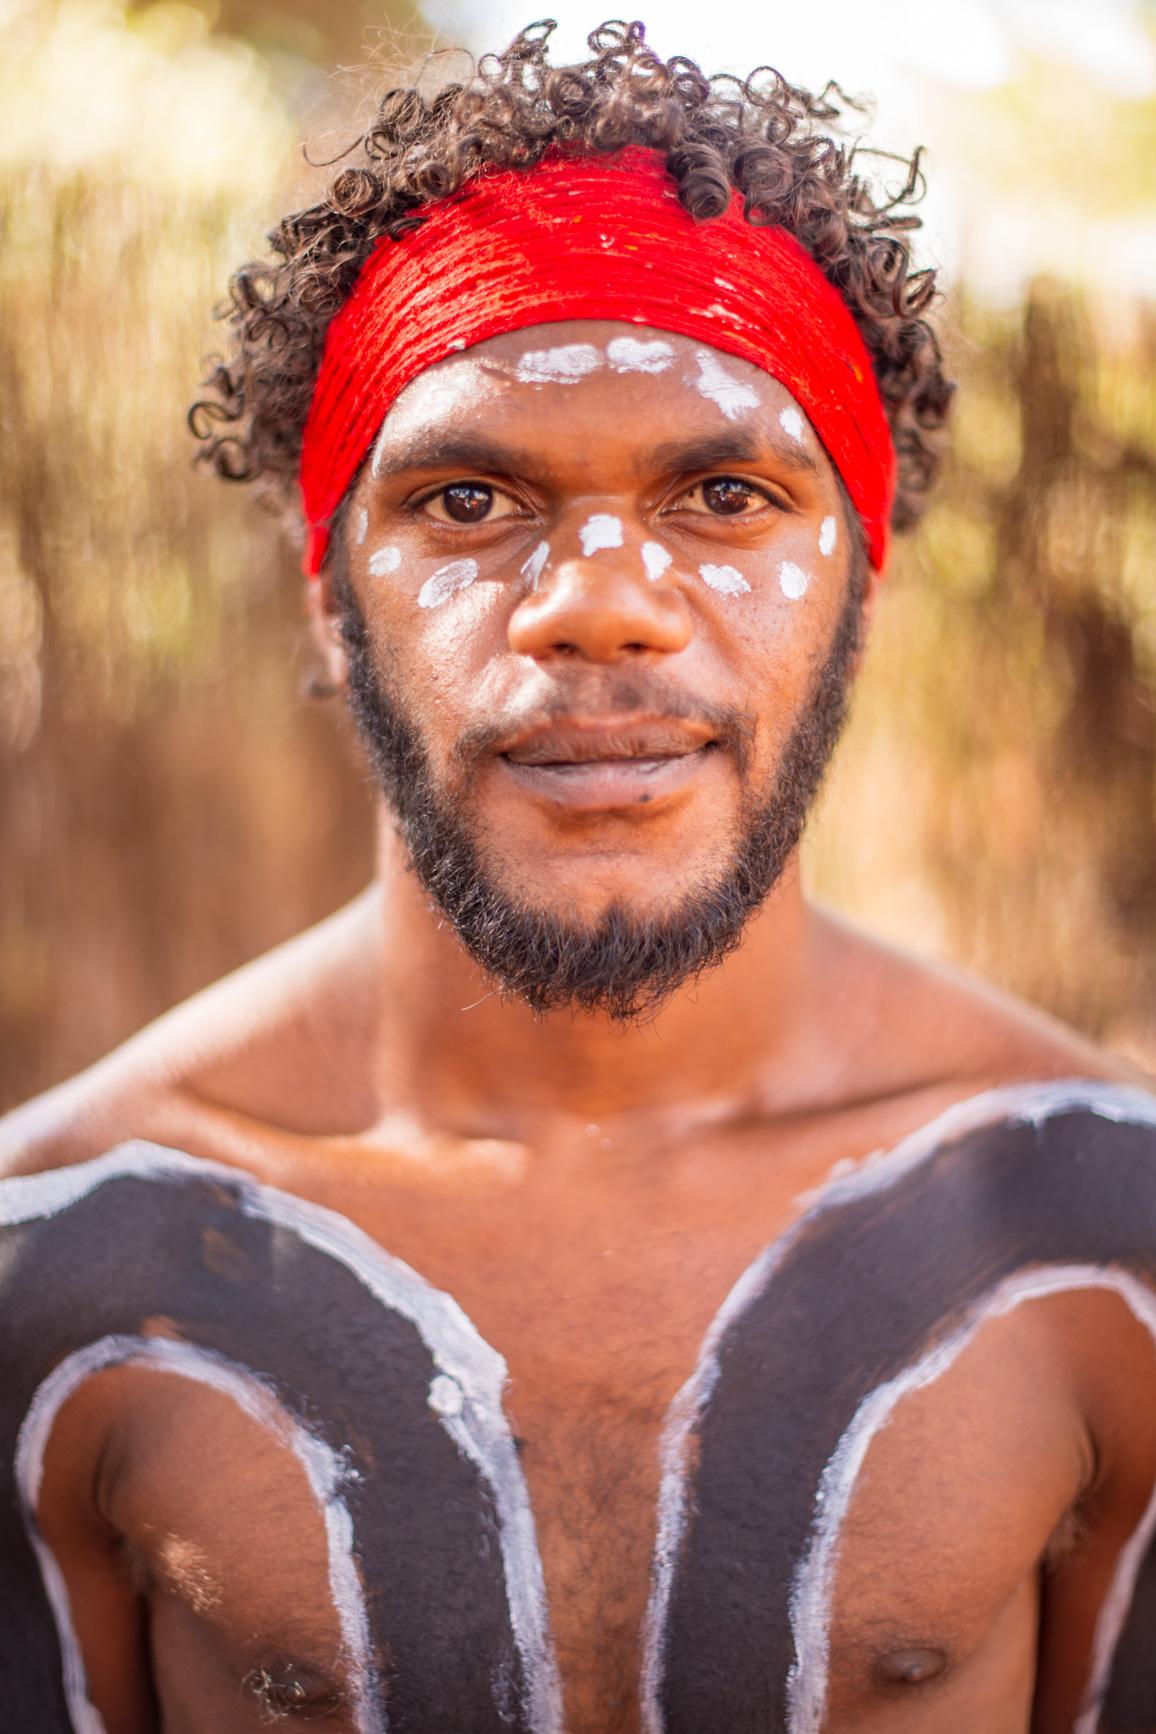 https://bubo.sk/uploads/galleries/5027/robert_taraba_aborigen.jpg